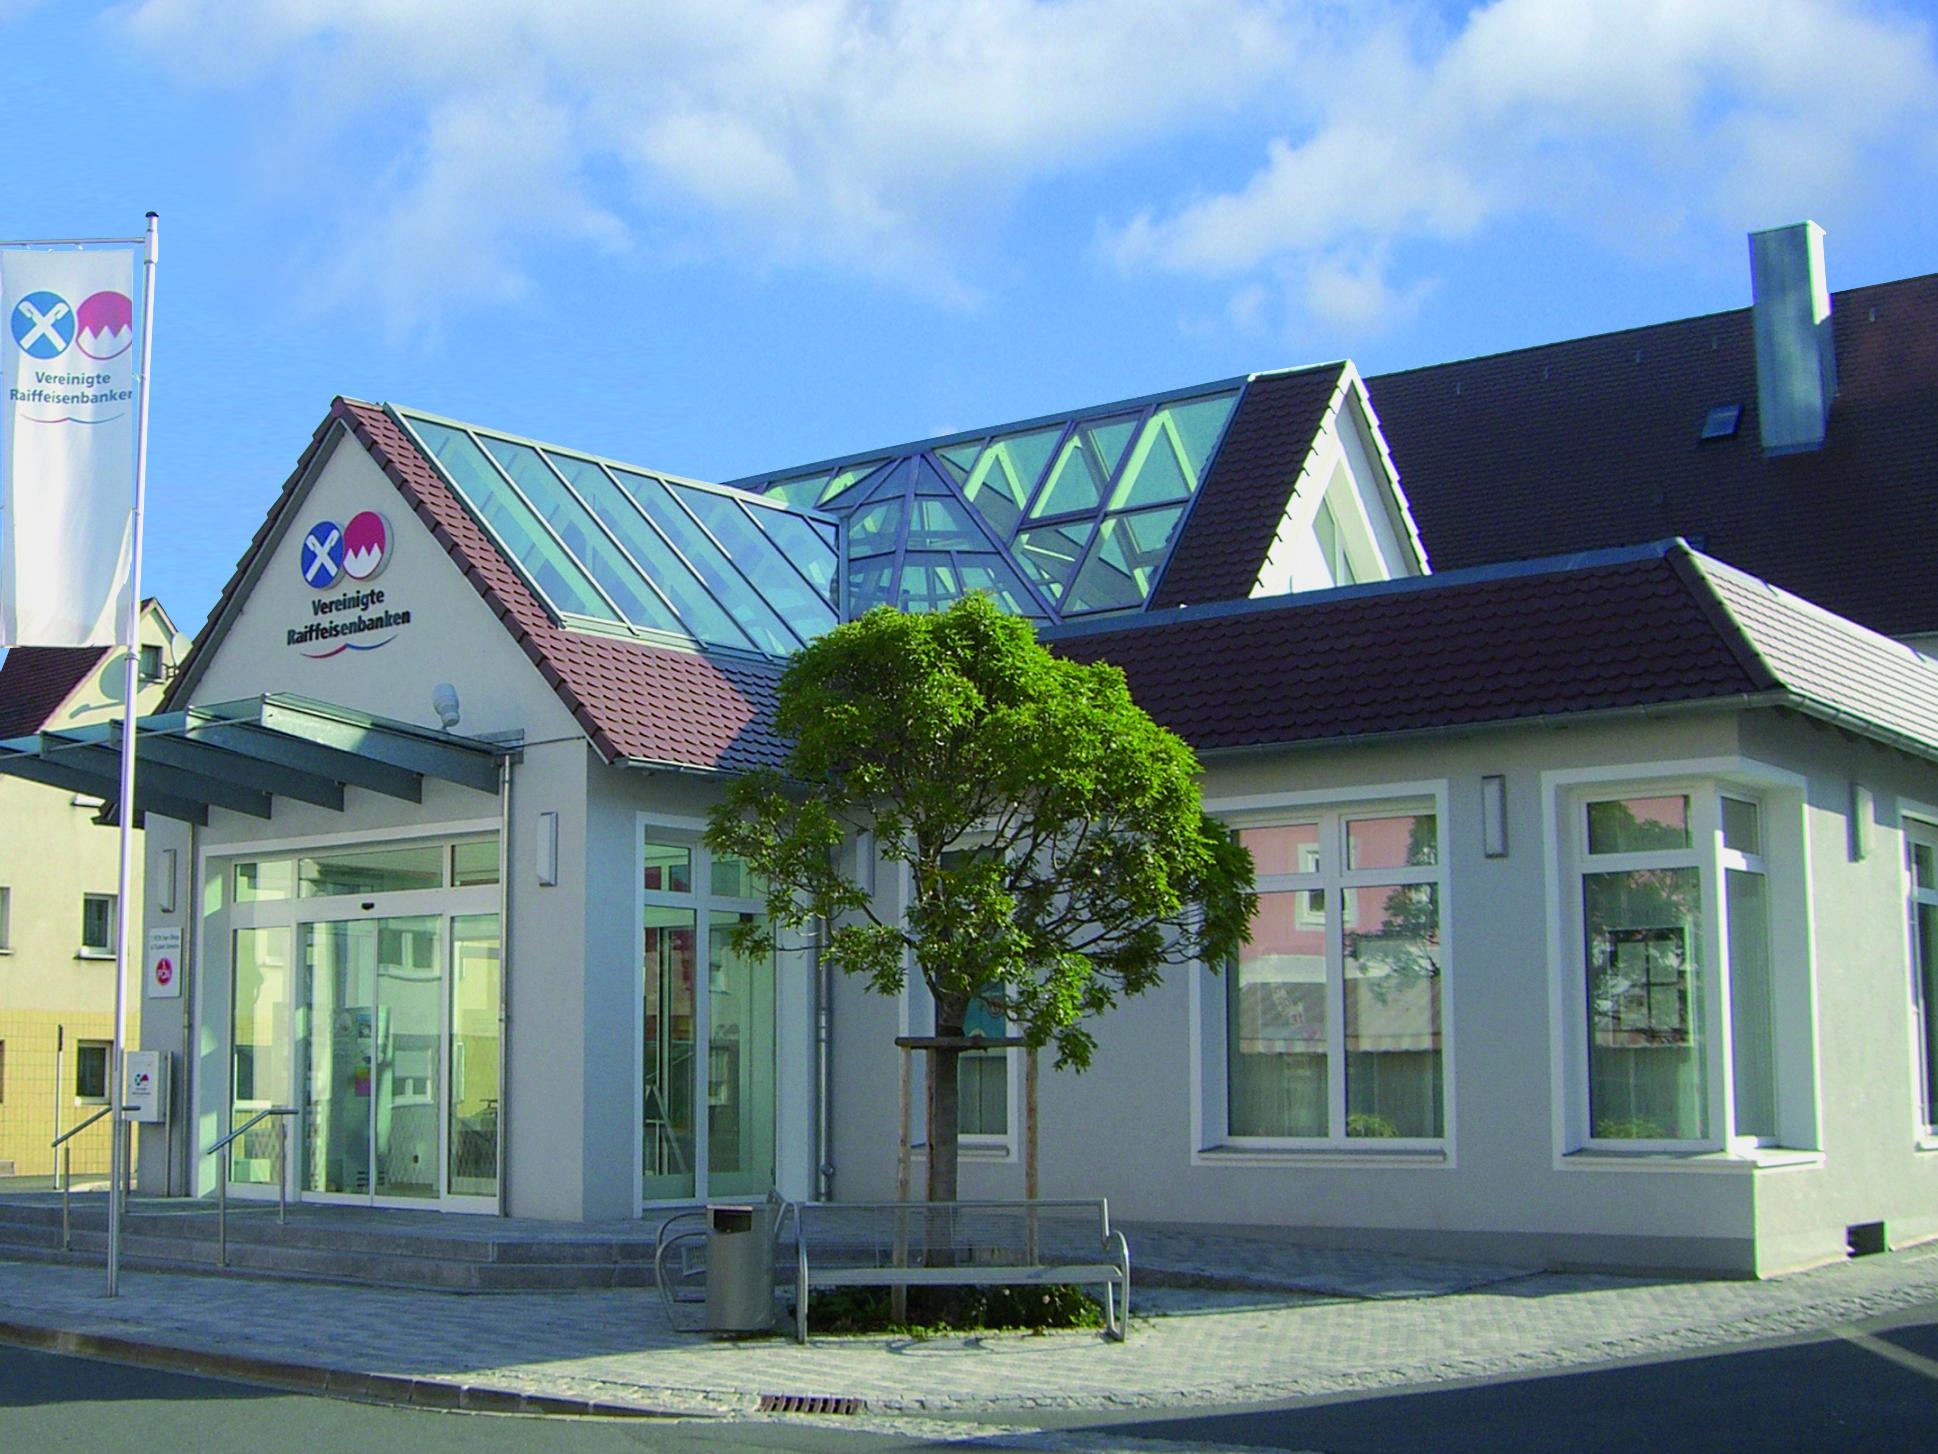 Vereinigte Raiffeisenbanken - Immobilien